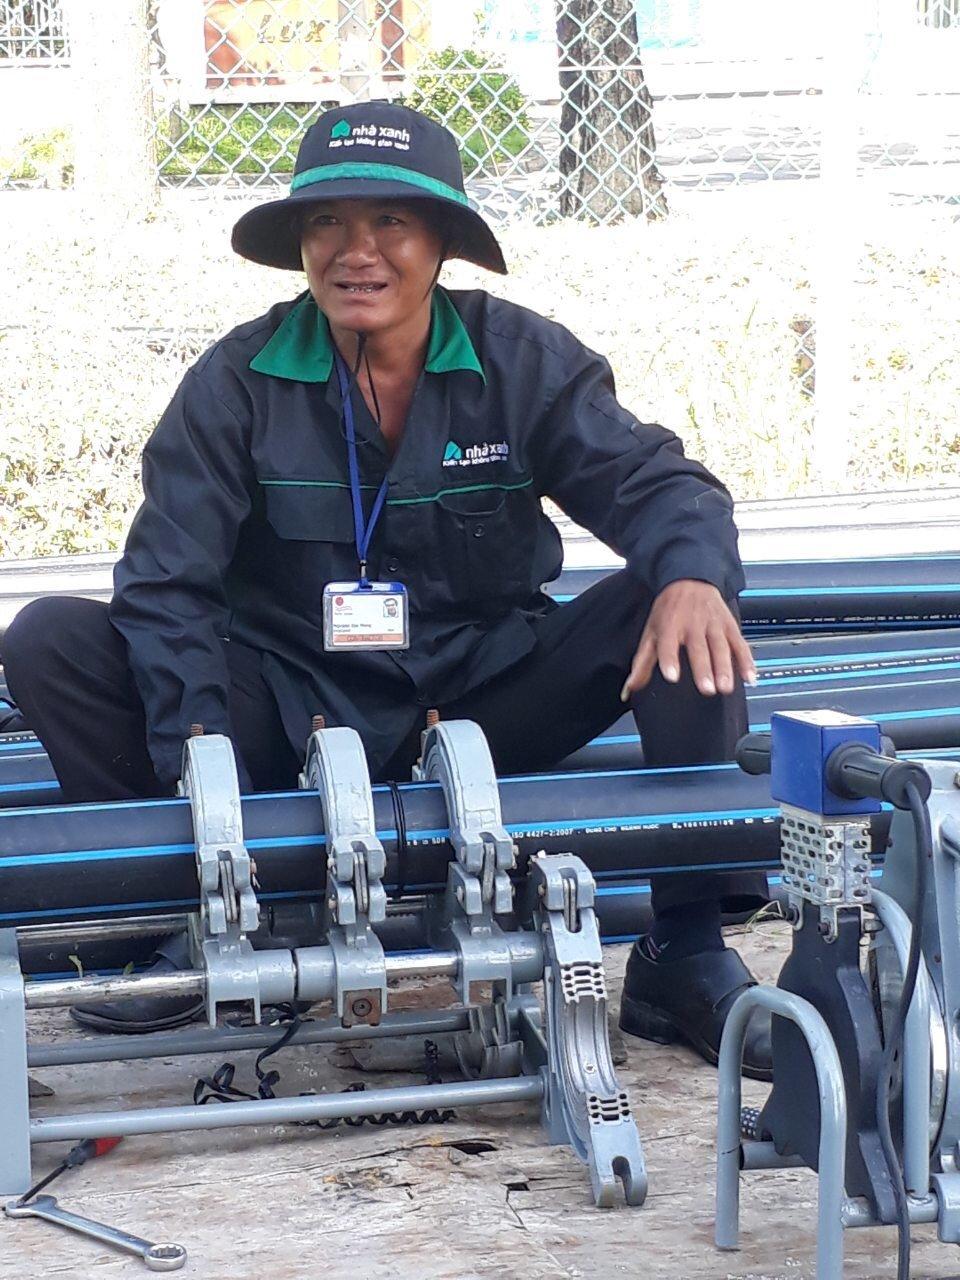 Công nhân lắp đặt hệ thống tưới tự động cho nhà máy First Solar